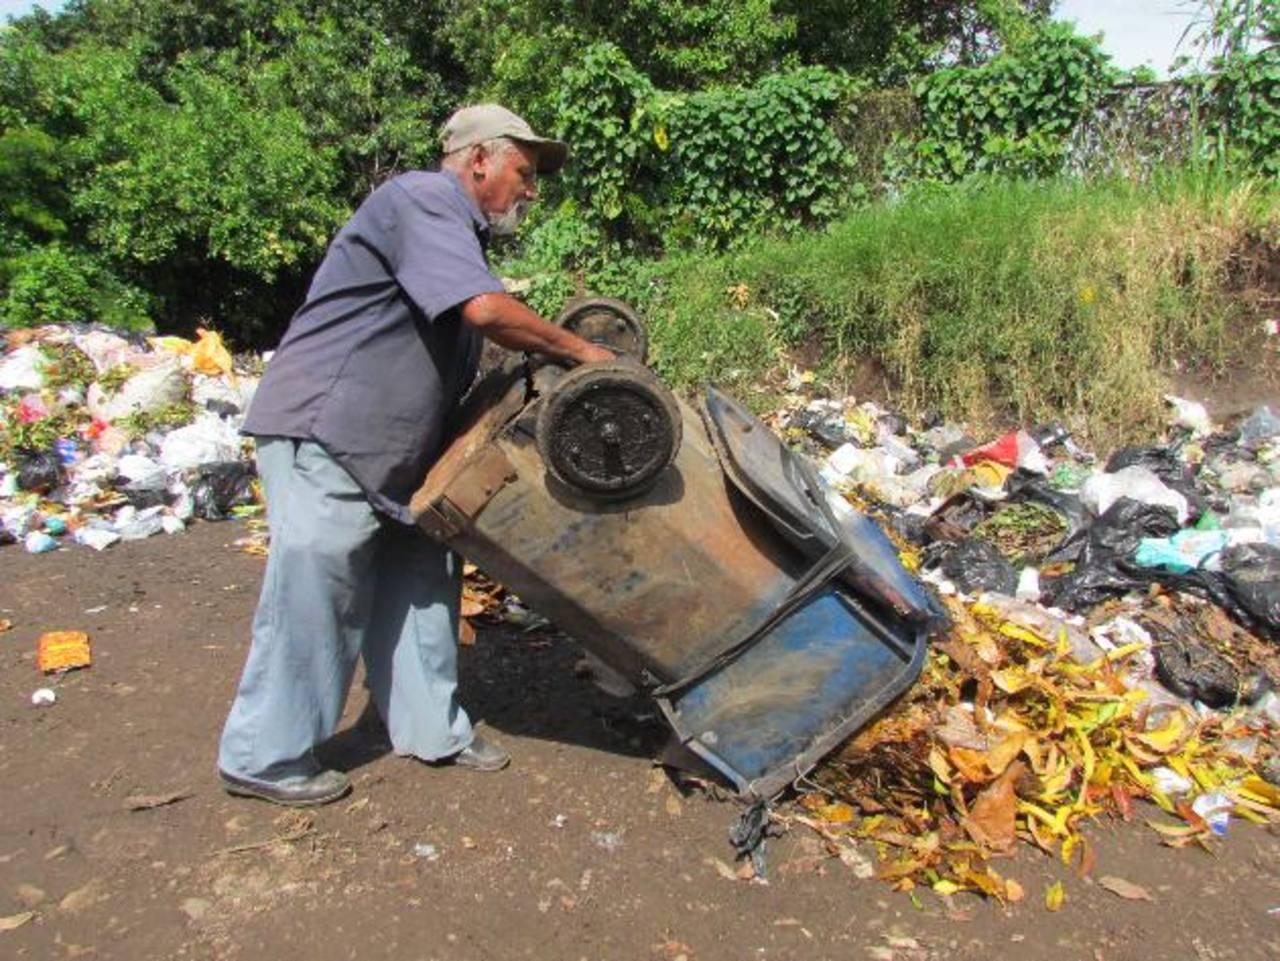 Los empleados de aseo urbano siguen utilizando los recipientes viejos y en mal estado para recolectar la basura. Foto EDH / Mauricio Guevara